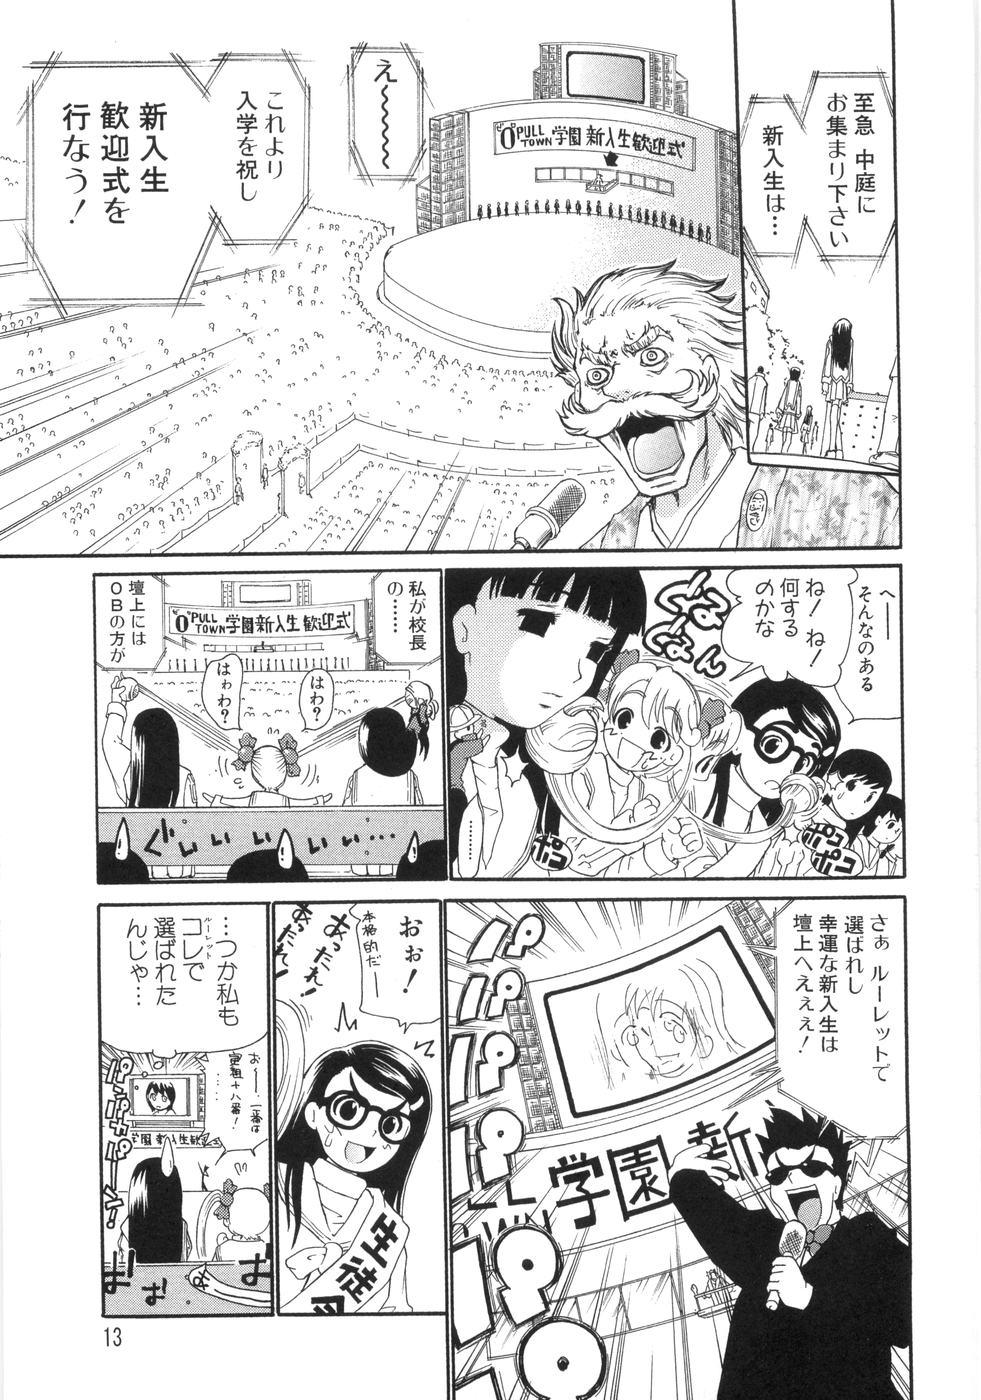 0 PULL TOWN Gakuen e Youkoso! 17